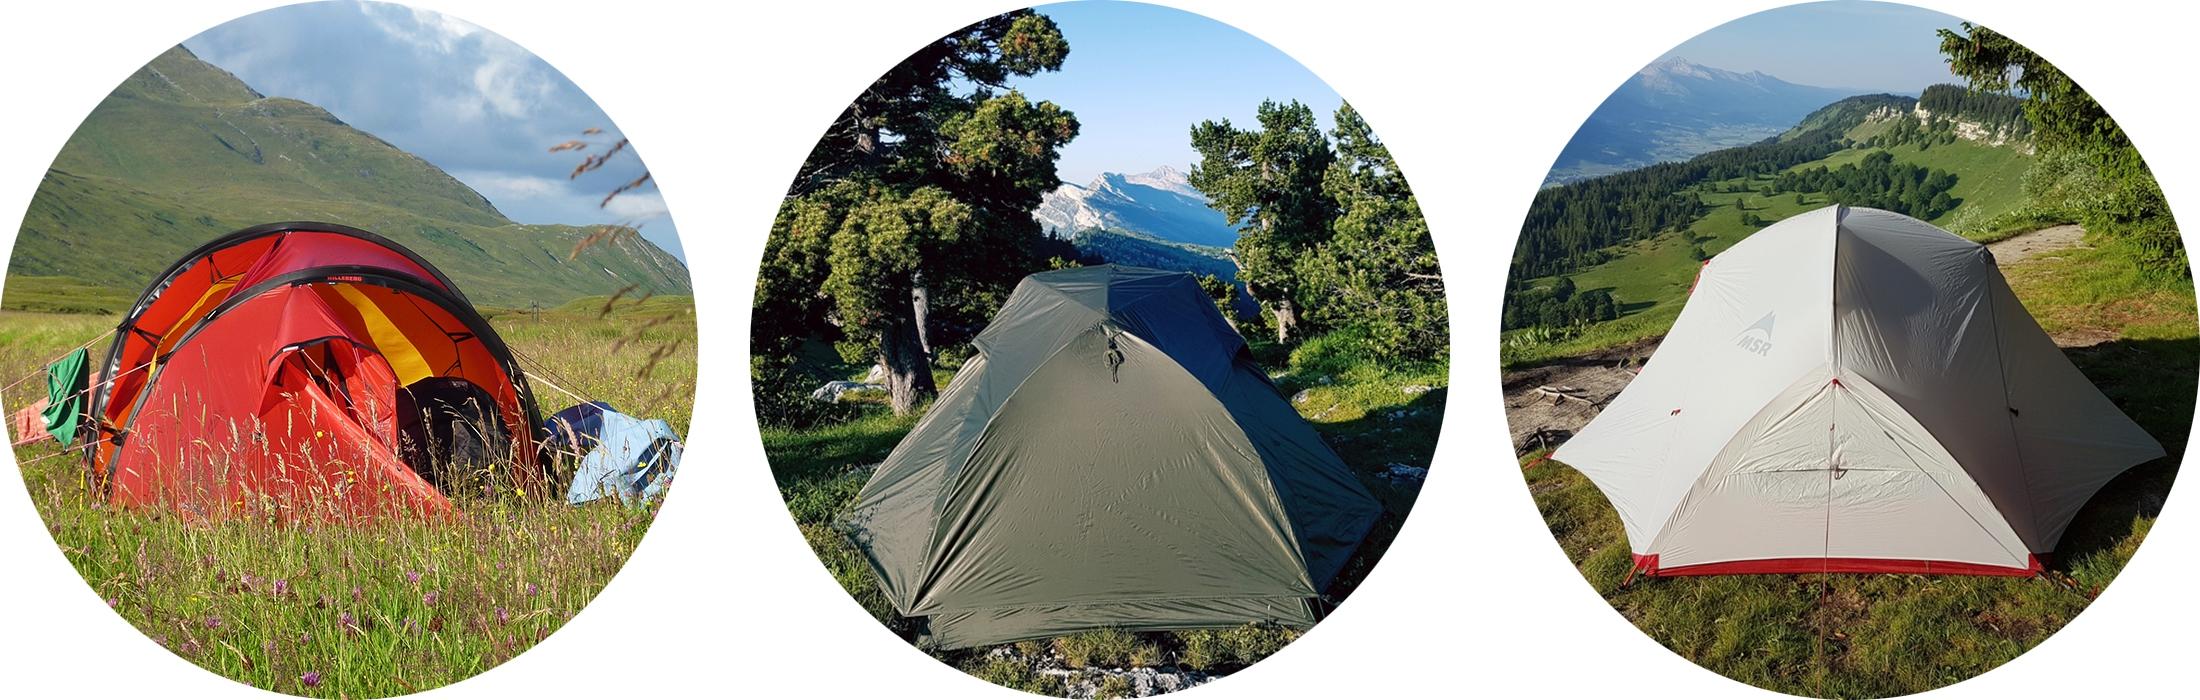 Photos de tentes de différentes couleurs